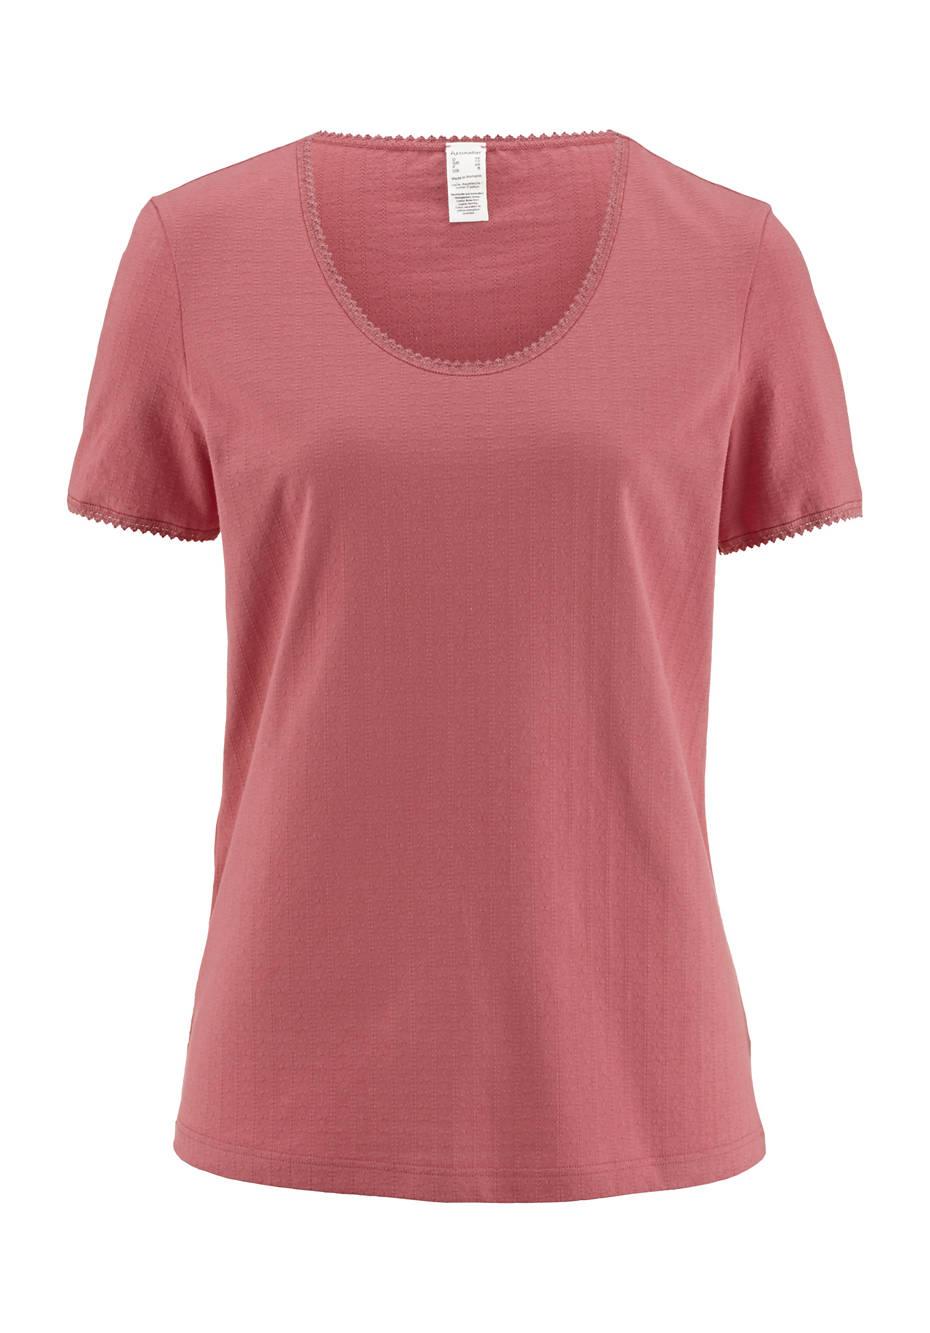 Ajour-Shirt Kurzarm aus reiner Bio-Baumwolle